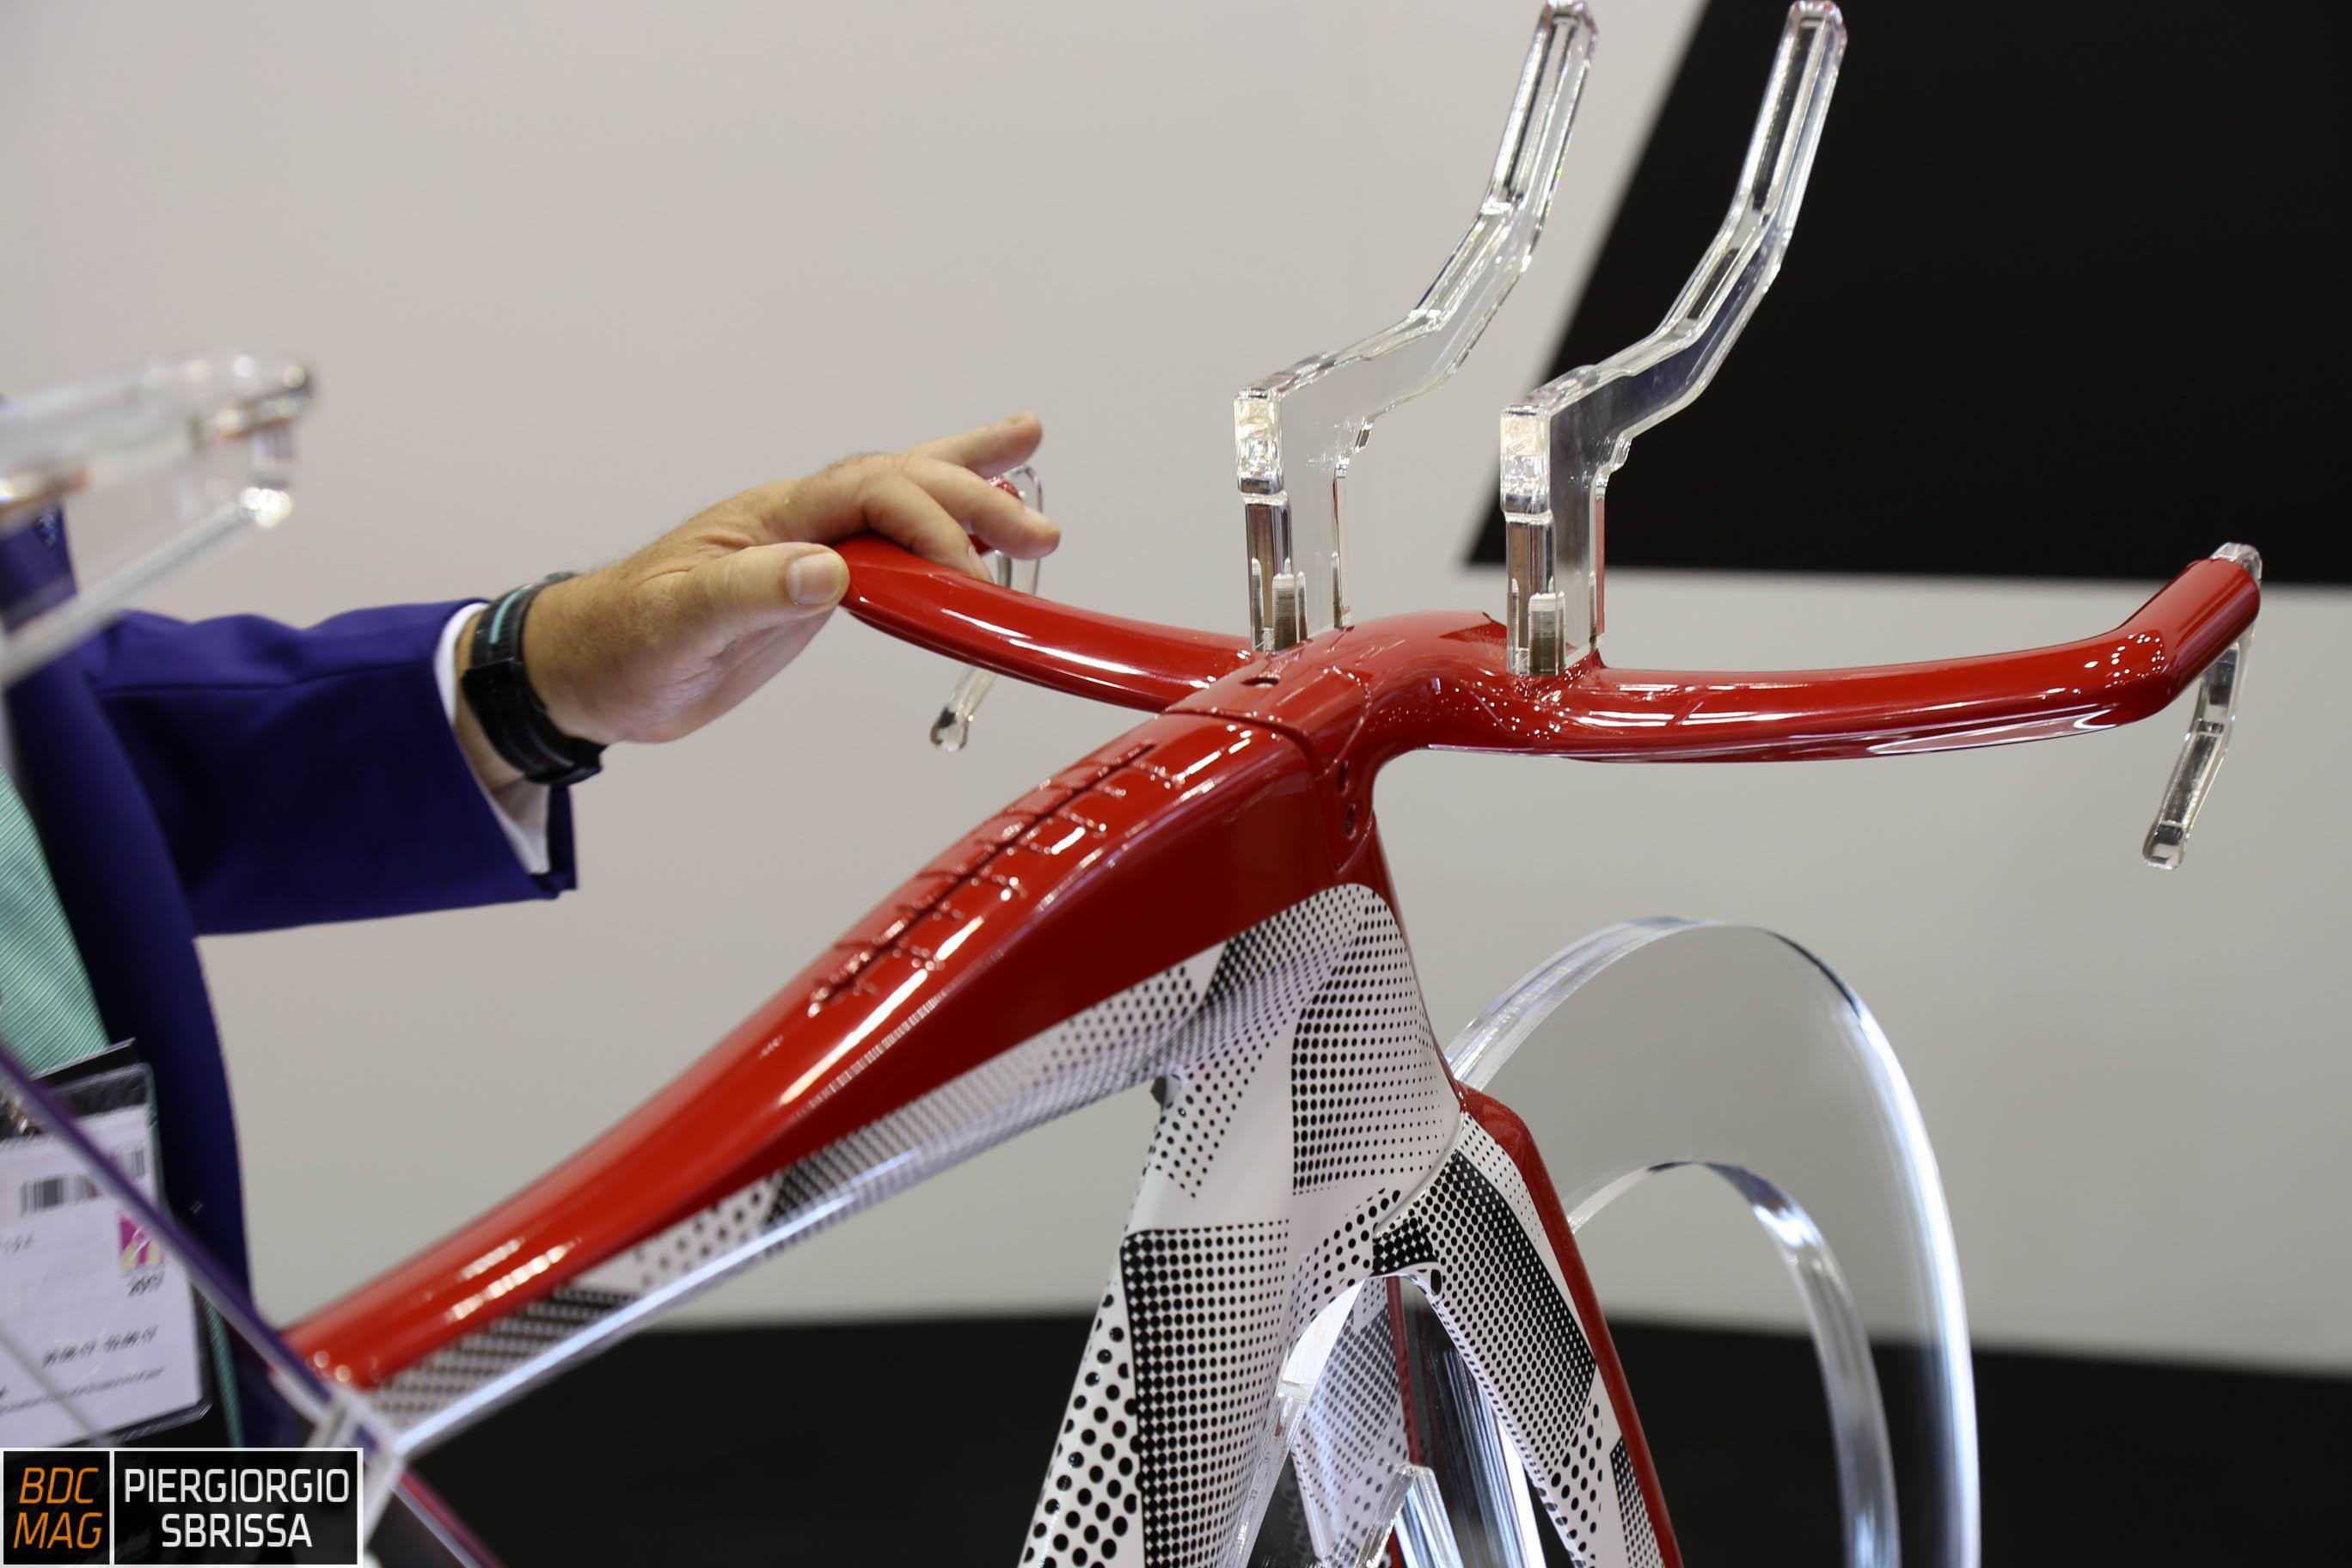 Eurobike 2017 Bianchi Ferrari Bdc Magcom Bici Da Corsa